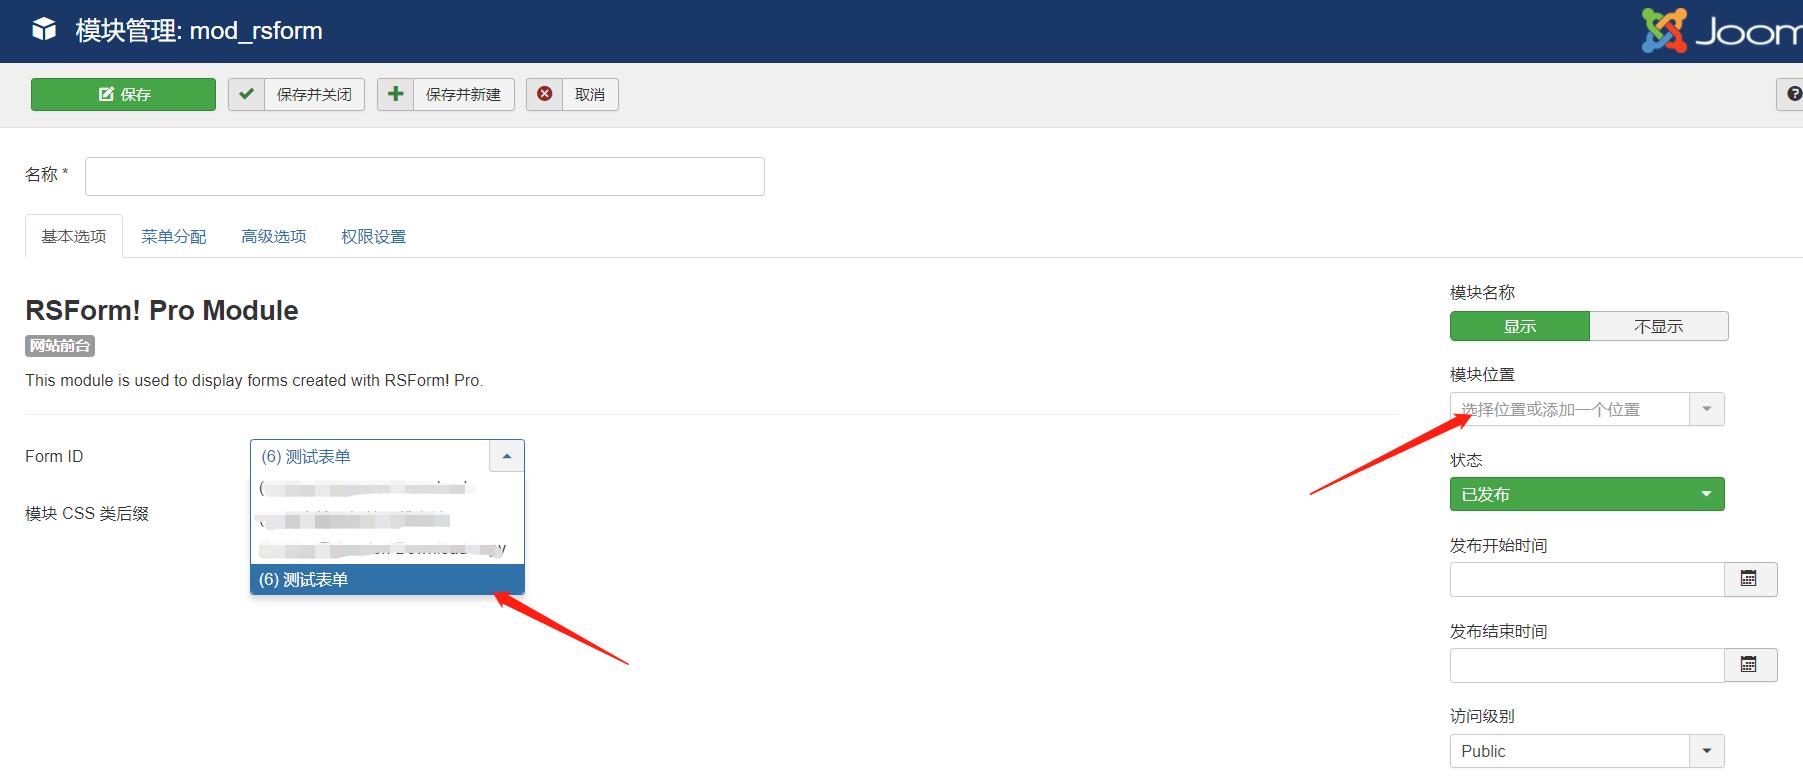 添加用户提交表单